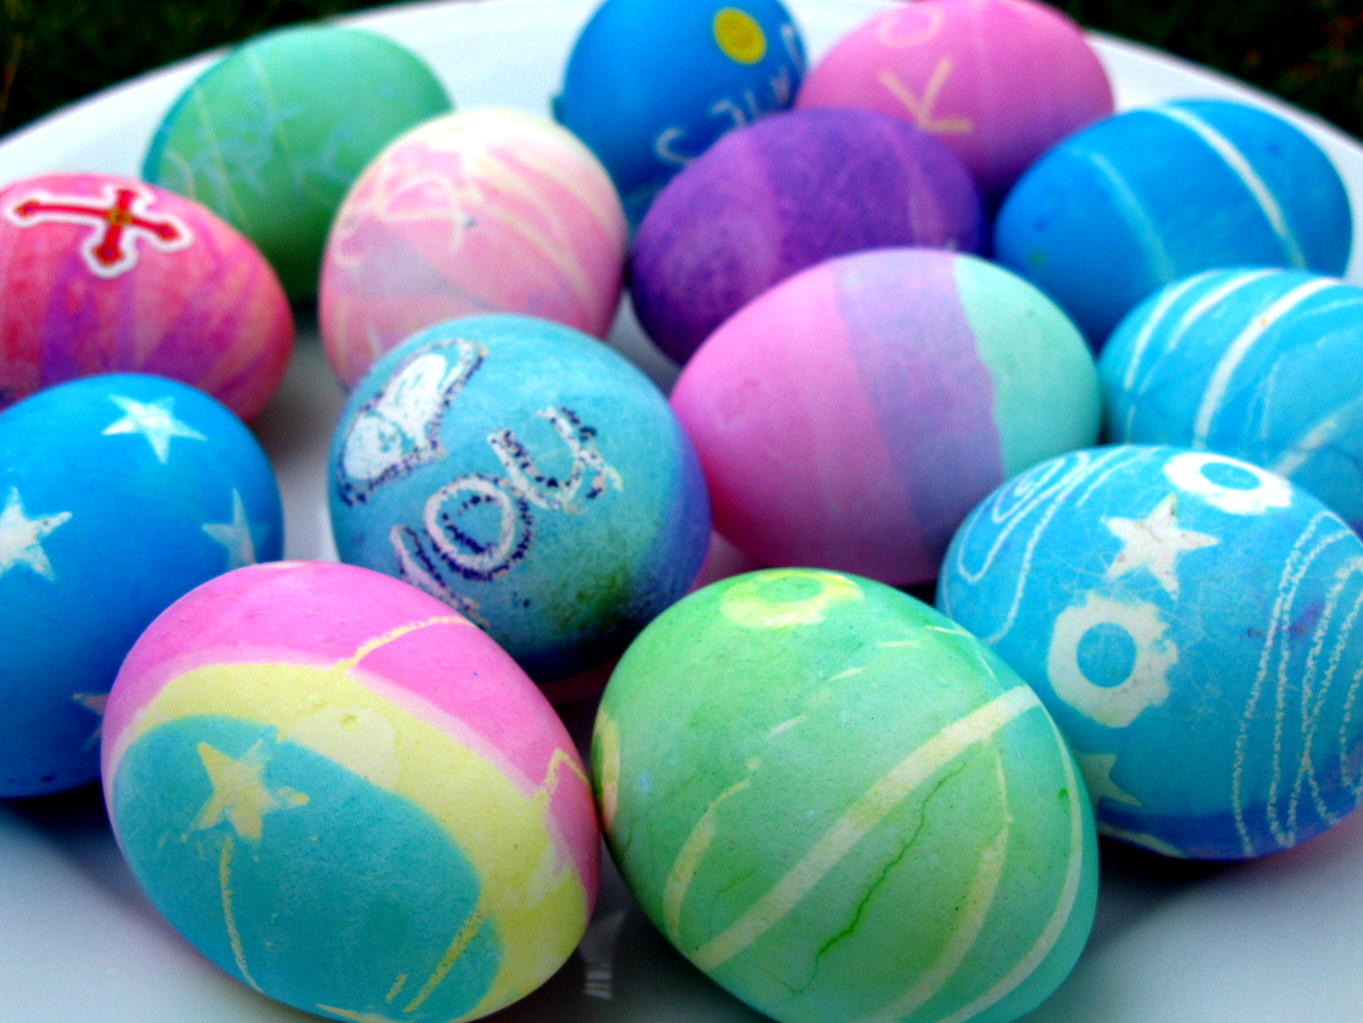 Lieldienu olas. Lieldienas.